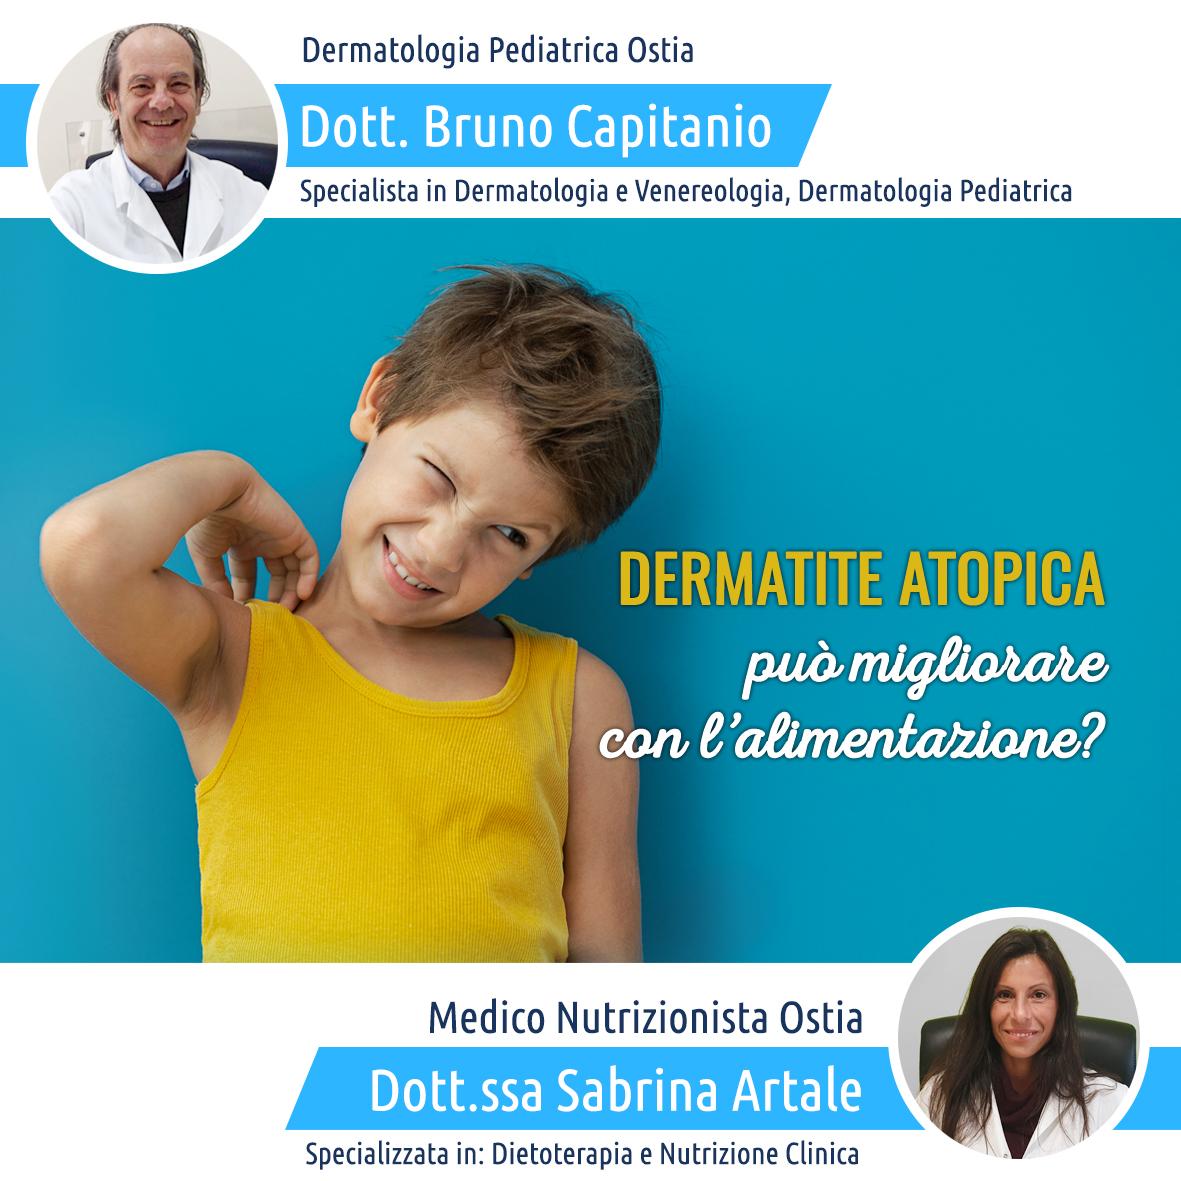 czema-dermatite-atopica